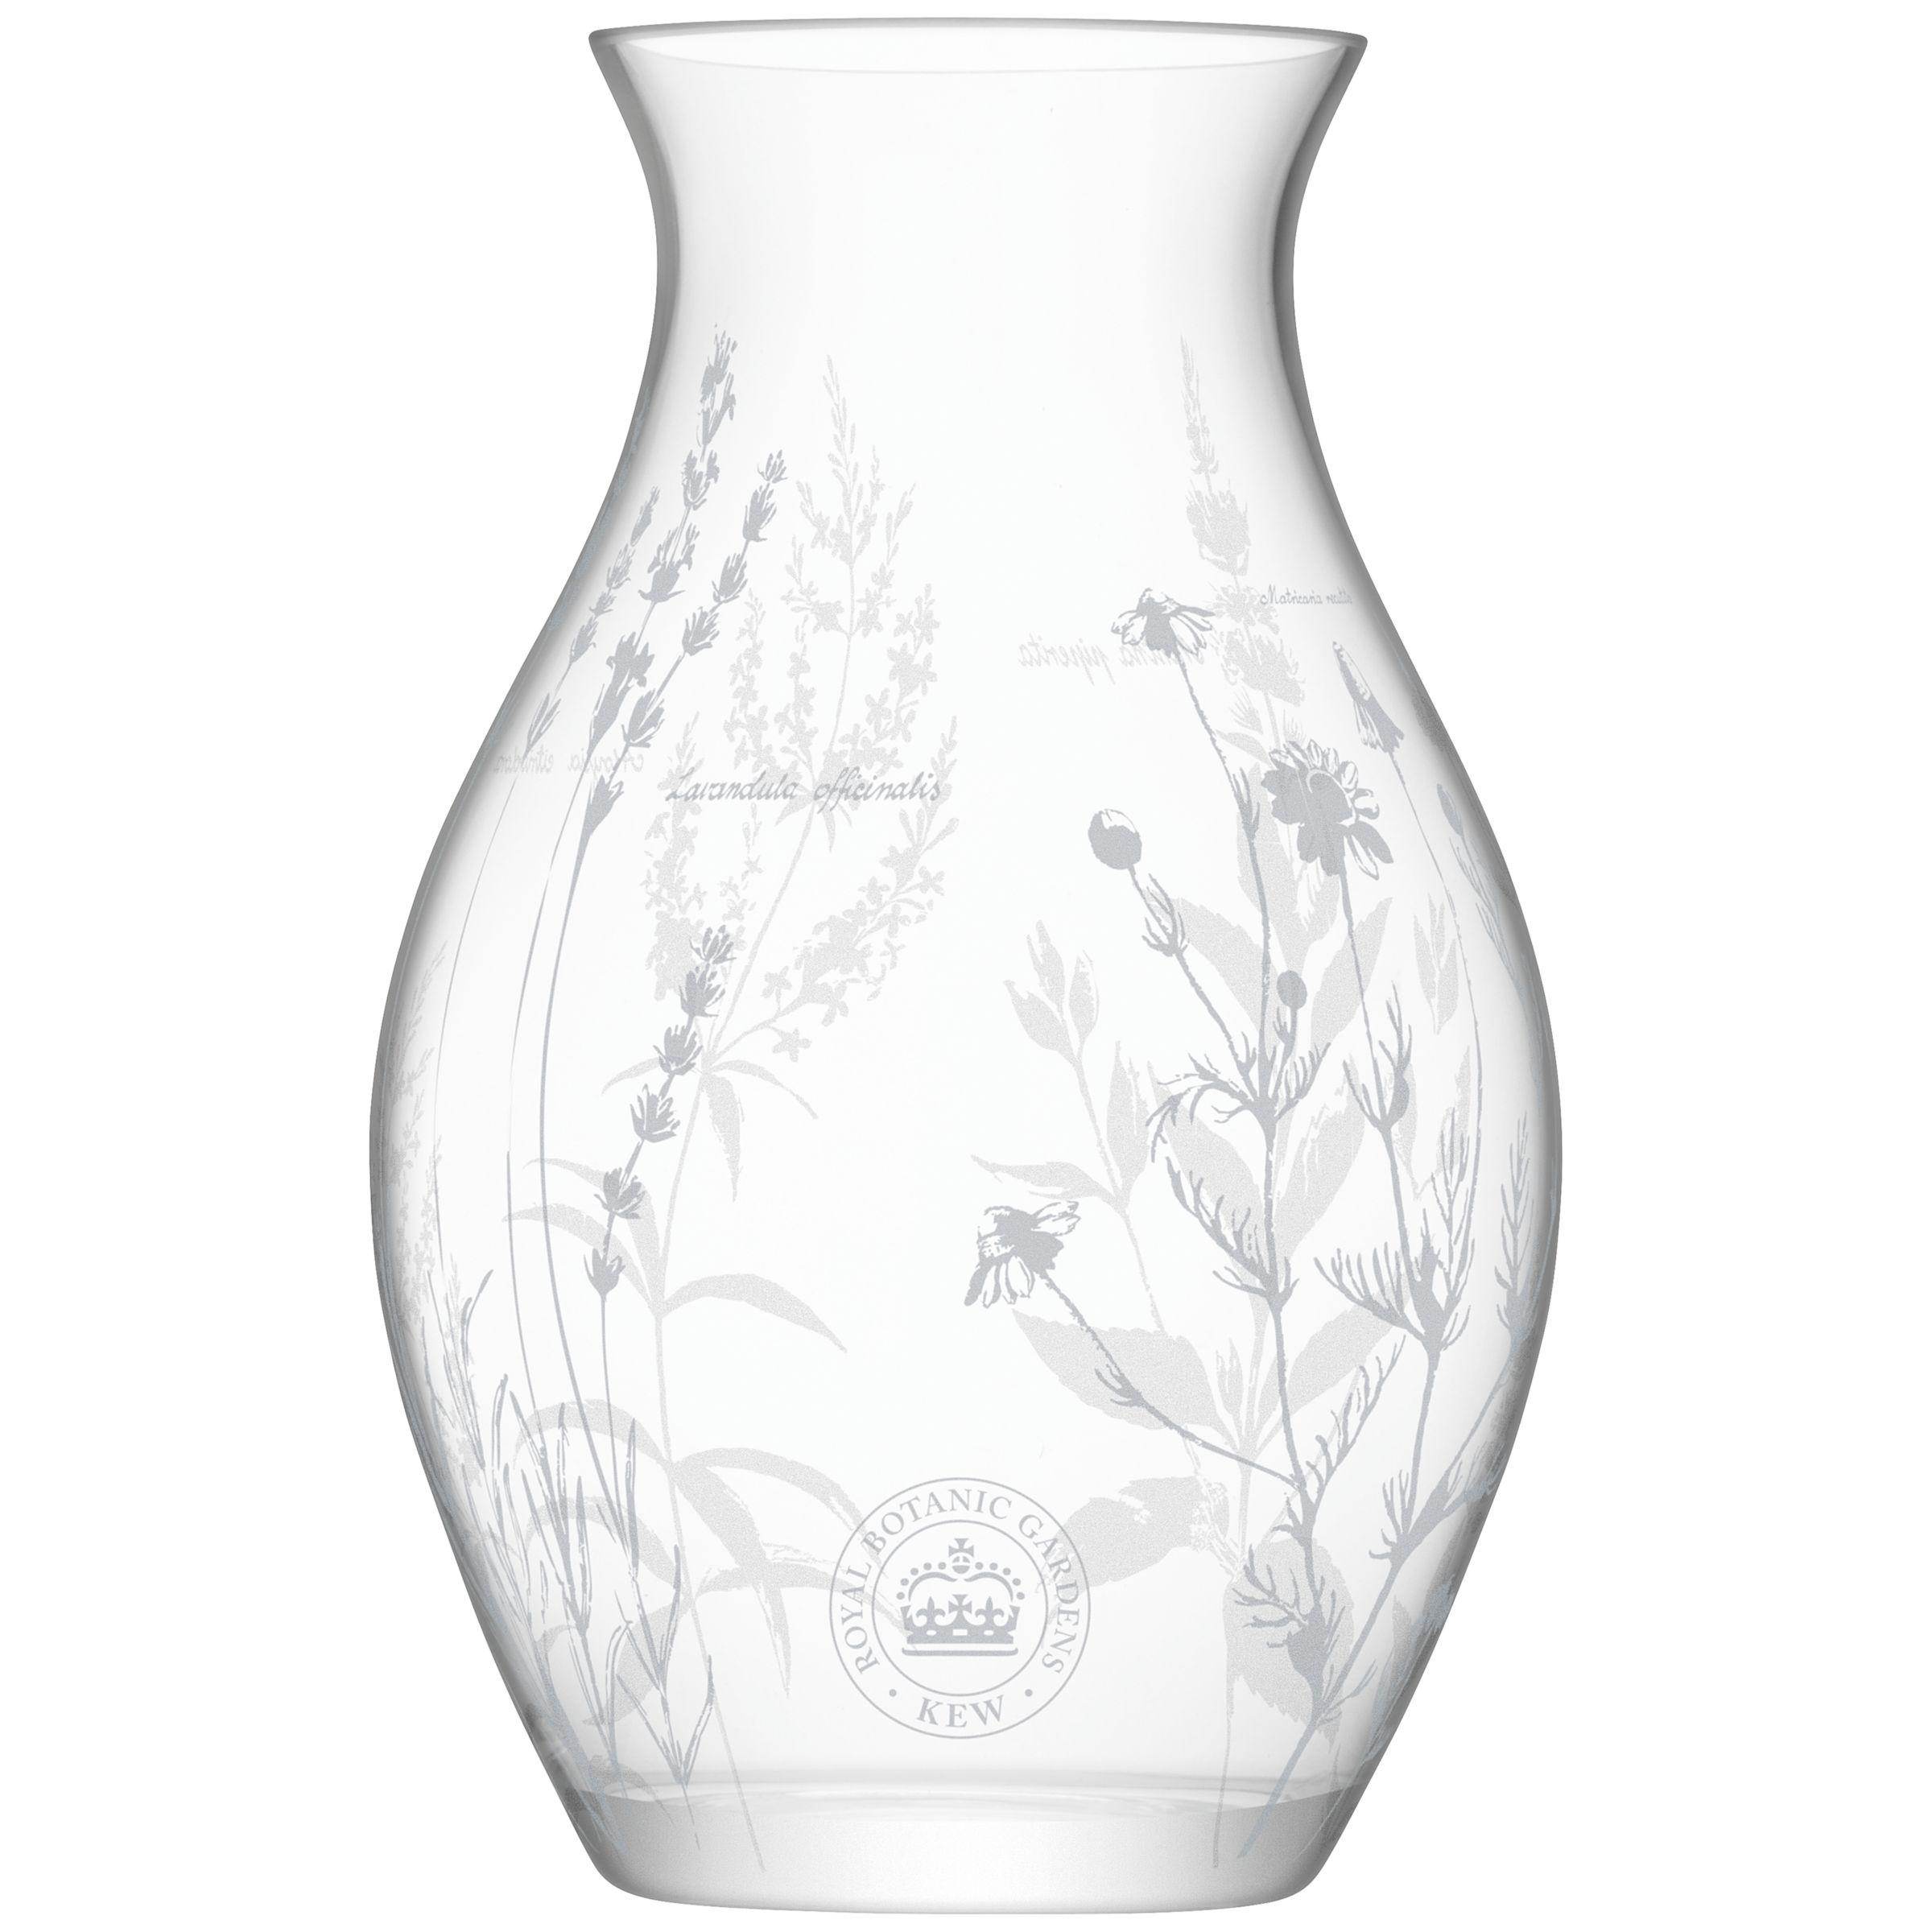 Kew royal botanic gardens floral vase bluewater 4000 reviewsmspy